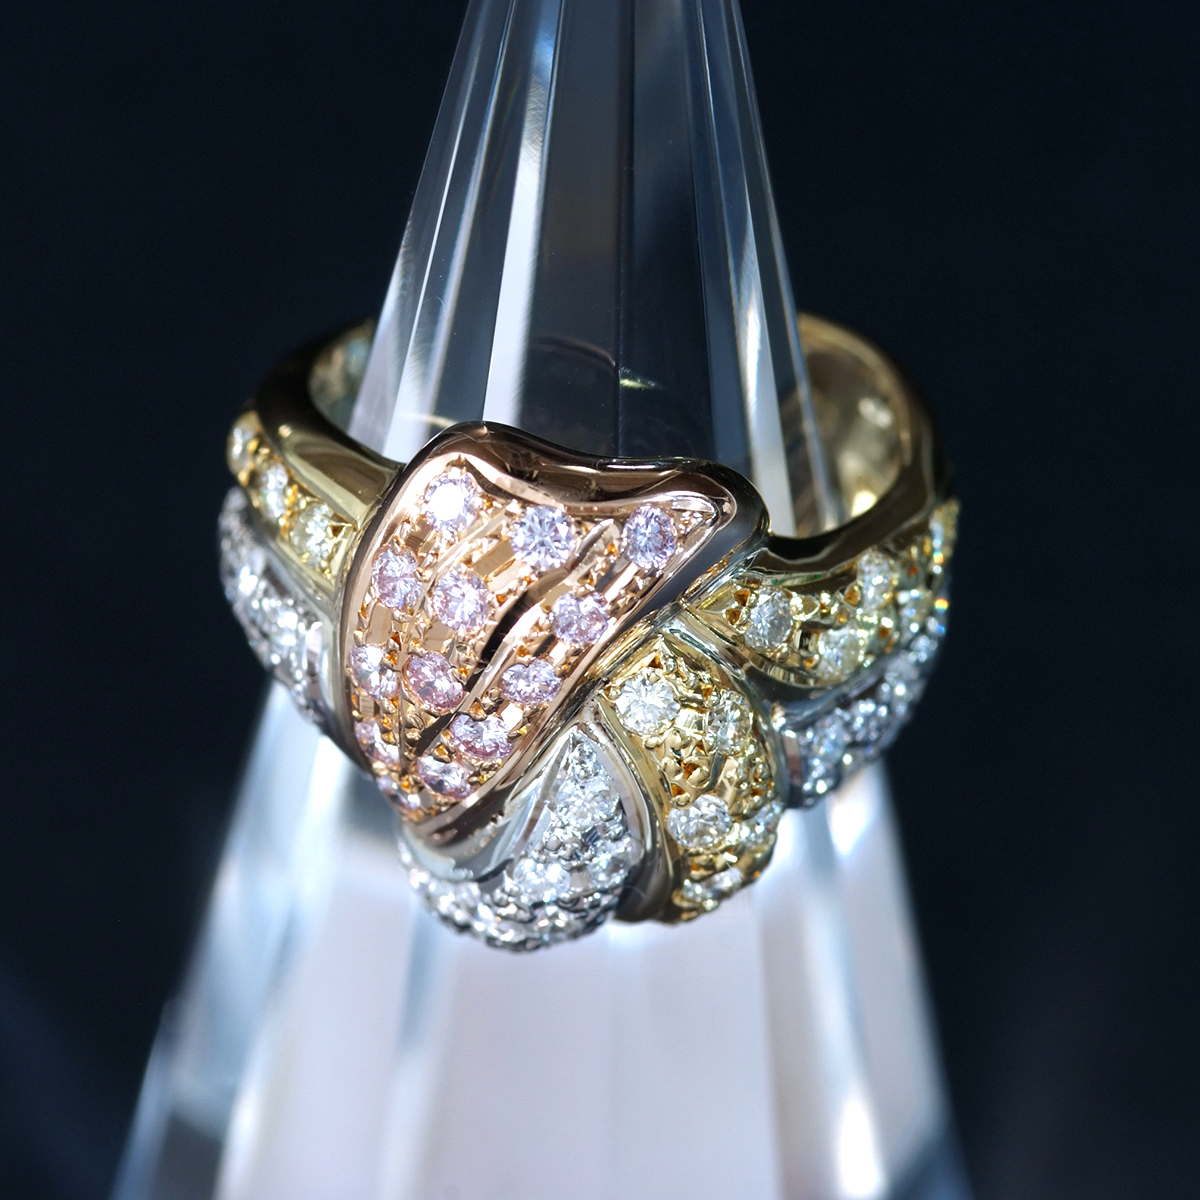 F0169 天然絶品ピンクダイヤモンド、カラーレスダイヤ1.00ct 最高級18金/PG/Pt900無垢リング サイズ12号 重量7.6g 縦幅17.3mm_画像1